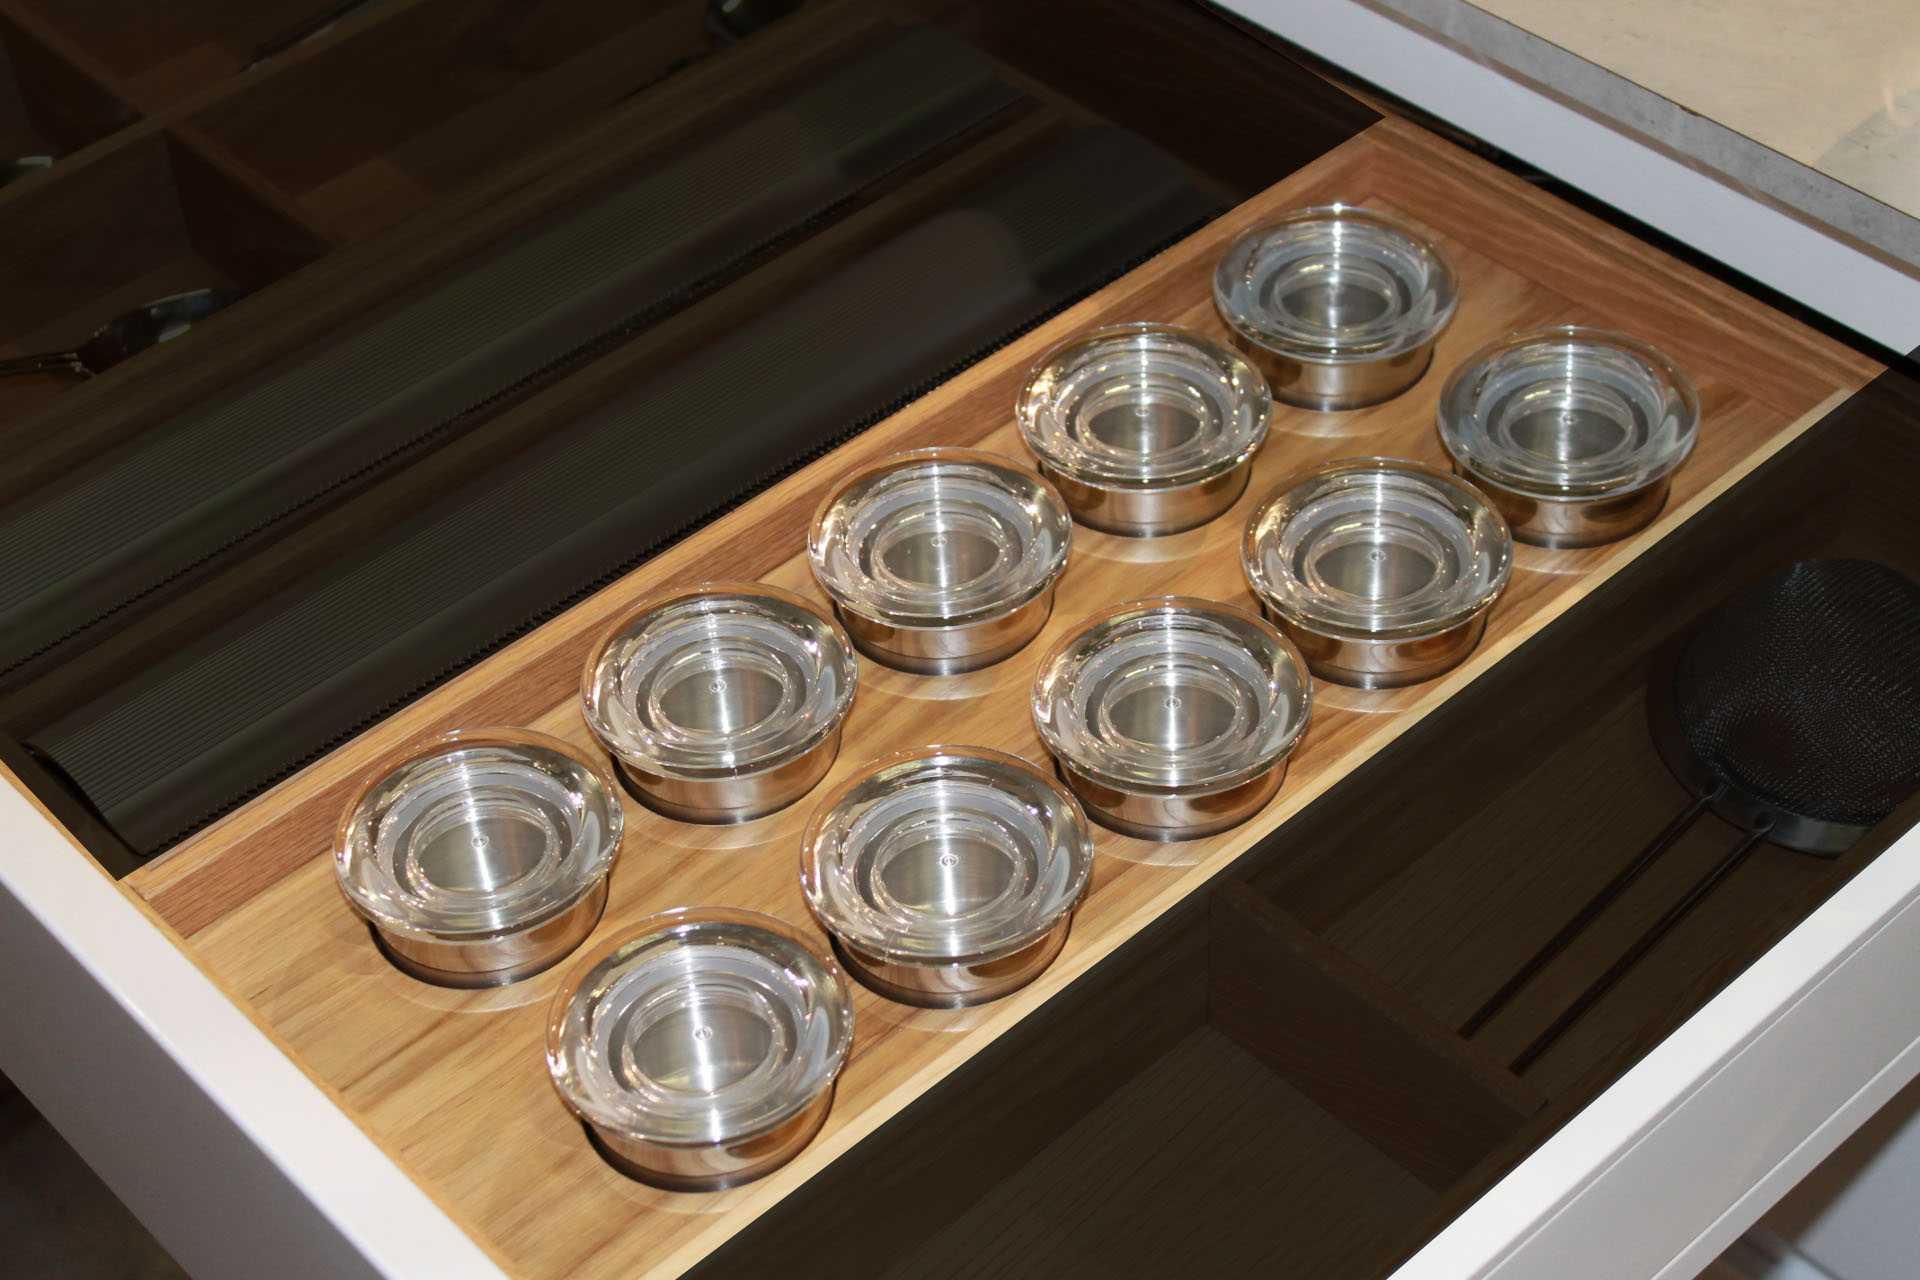 Full Size of Rational Funktionseinsatz Gewrzhalter Walnuss Zubehr Miniküche Mit Kühlschrank Ikea Stengel Roller Regale Wohnzimmer Roller Miniküche